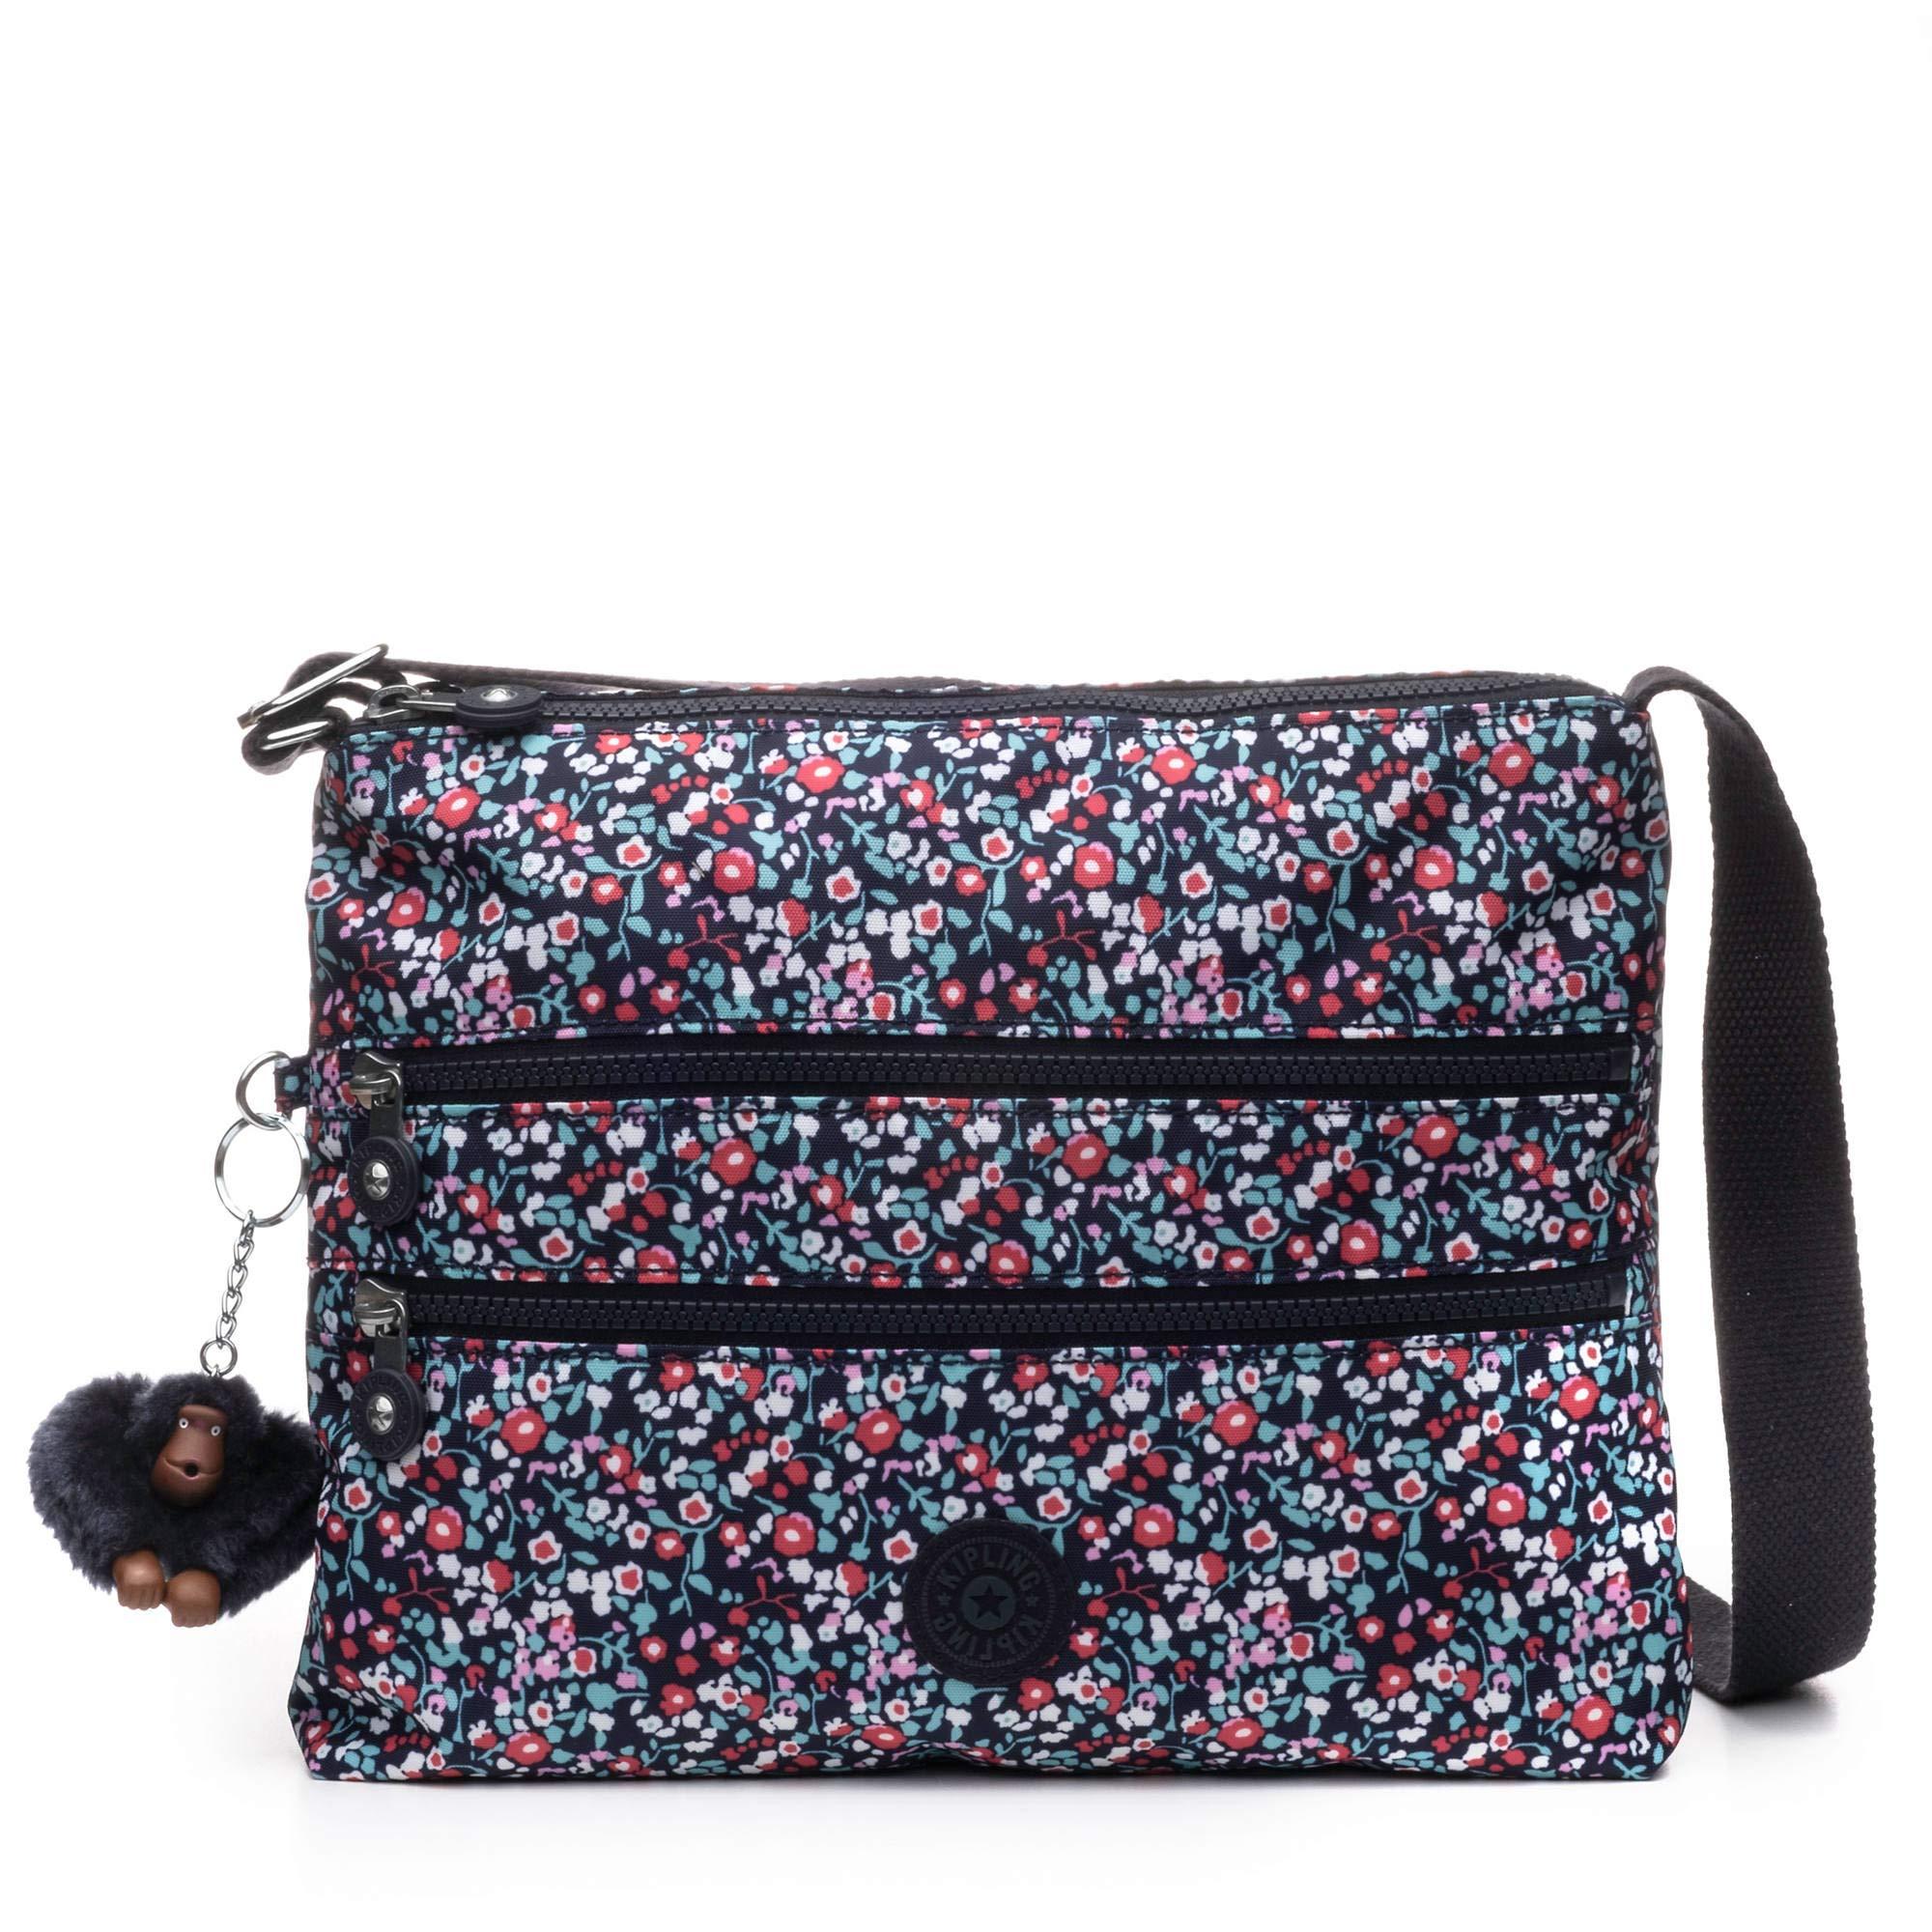 Kipling Women's Alvar Bag, Adjustable Crossbody Strap, Zip Closure, Glistening Poppy Blue